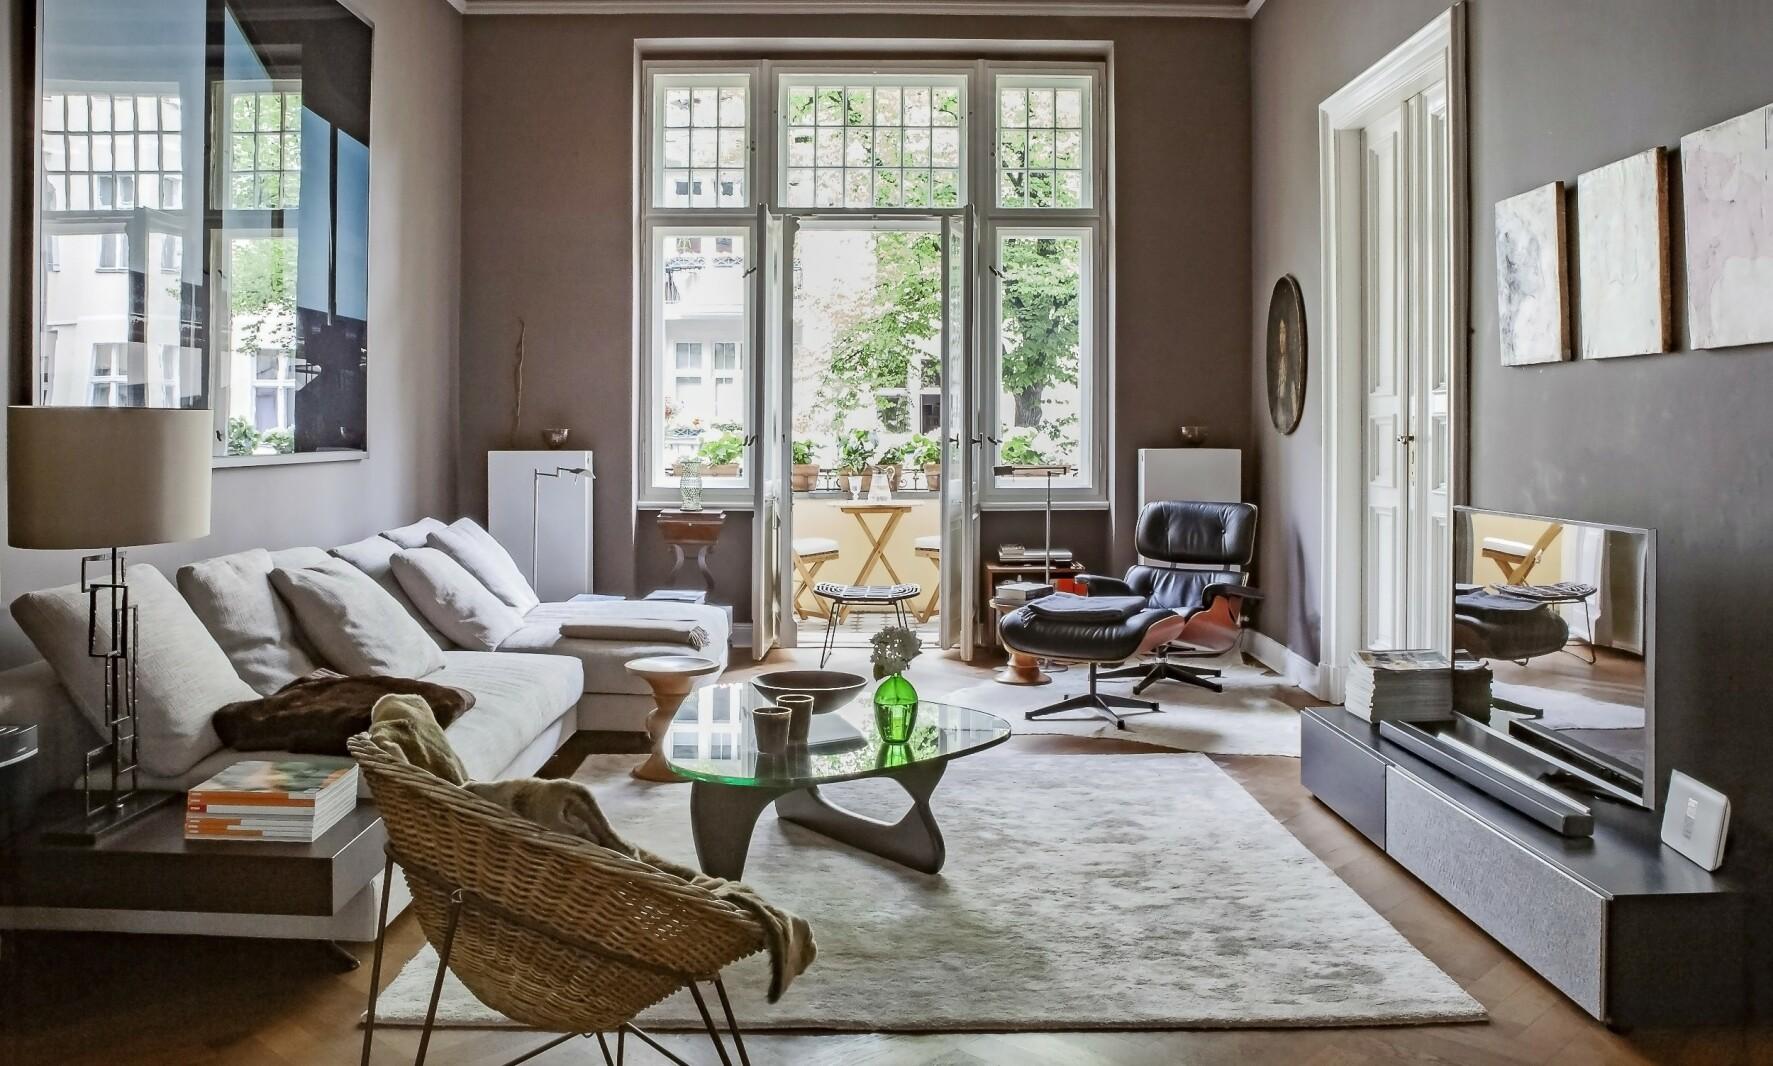 Lenestolen er designet av Ray og Charles Eames, og er i produksjon hos Vitra. Tips! Lyse møbler og gulvtepper kommer bedre fram med mørkere vegger og gulv. FOTO: Anne-Catherine Scoffoni